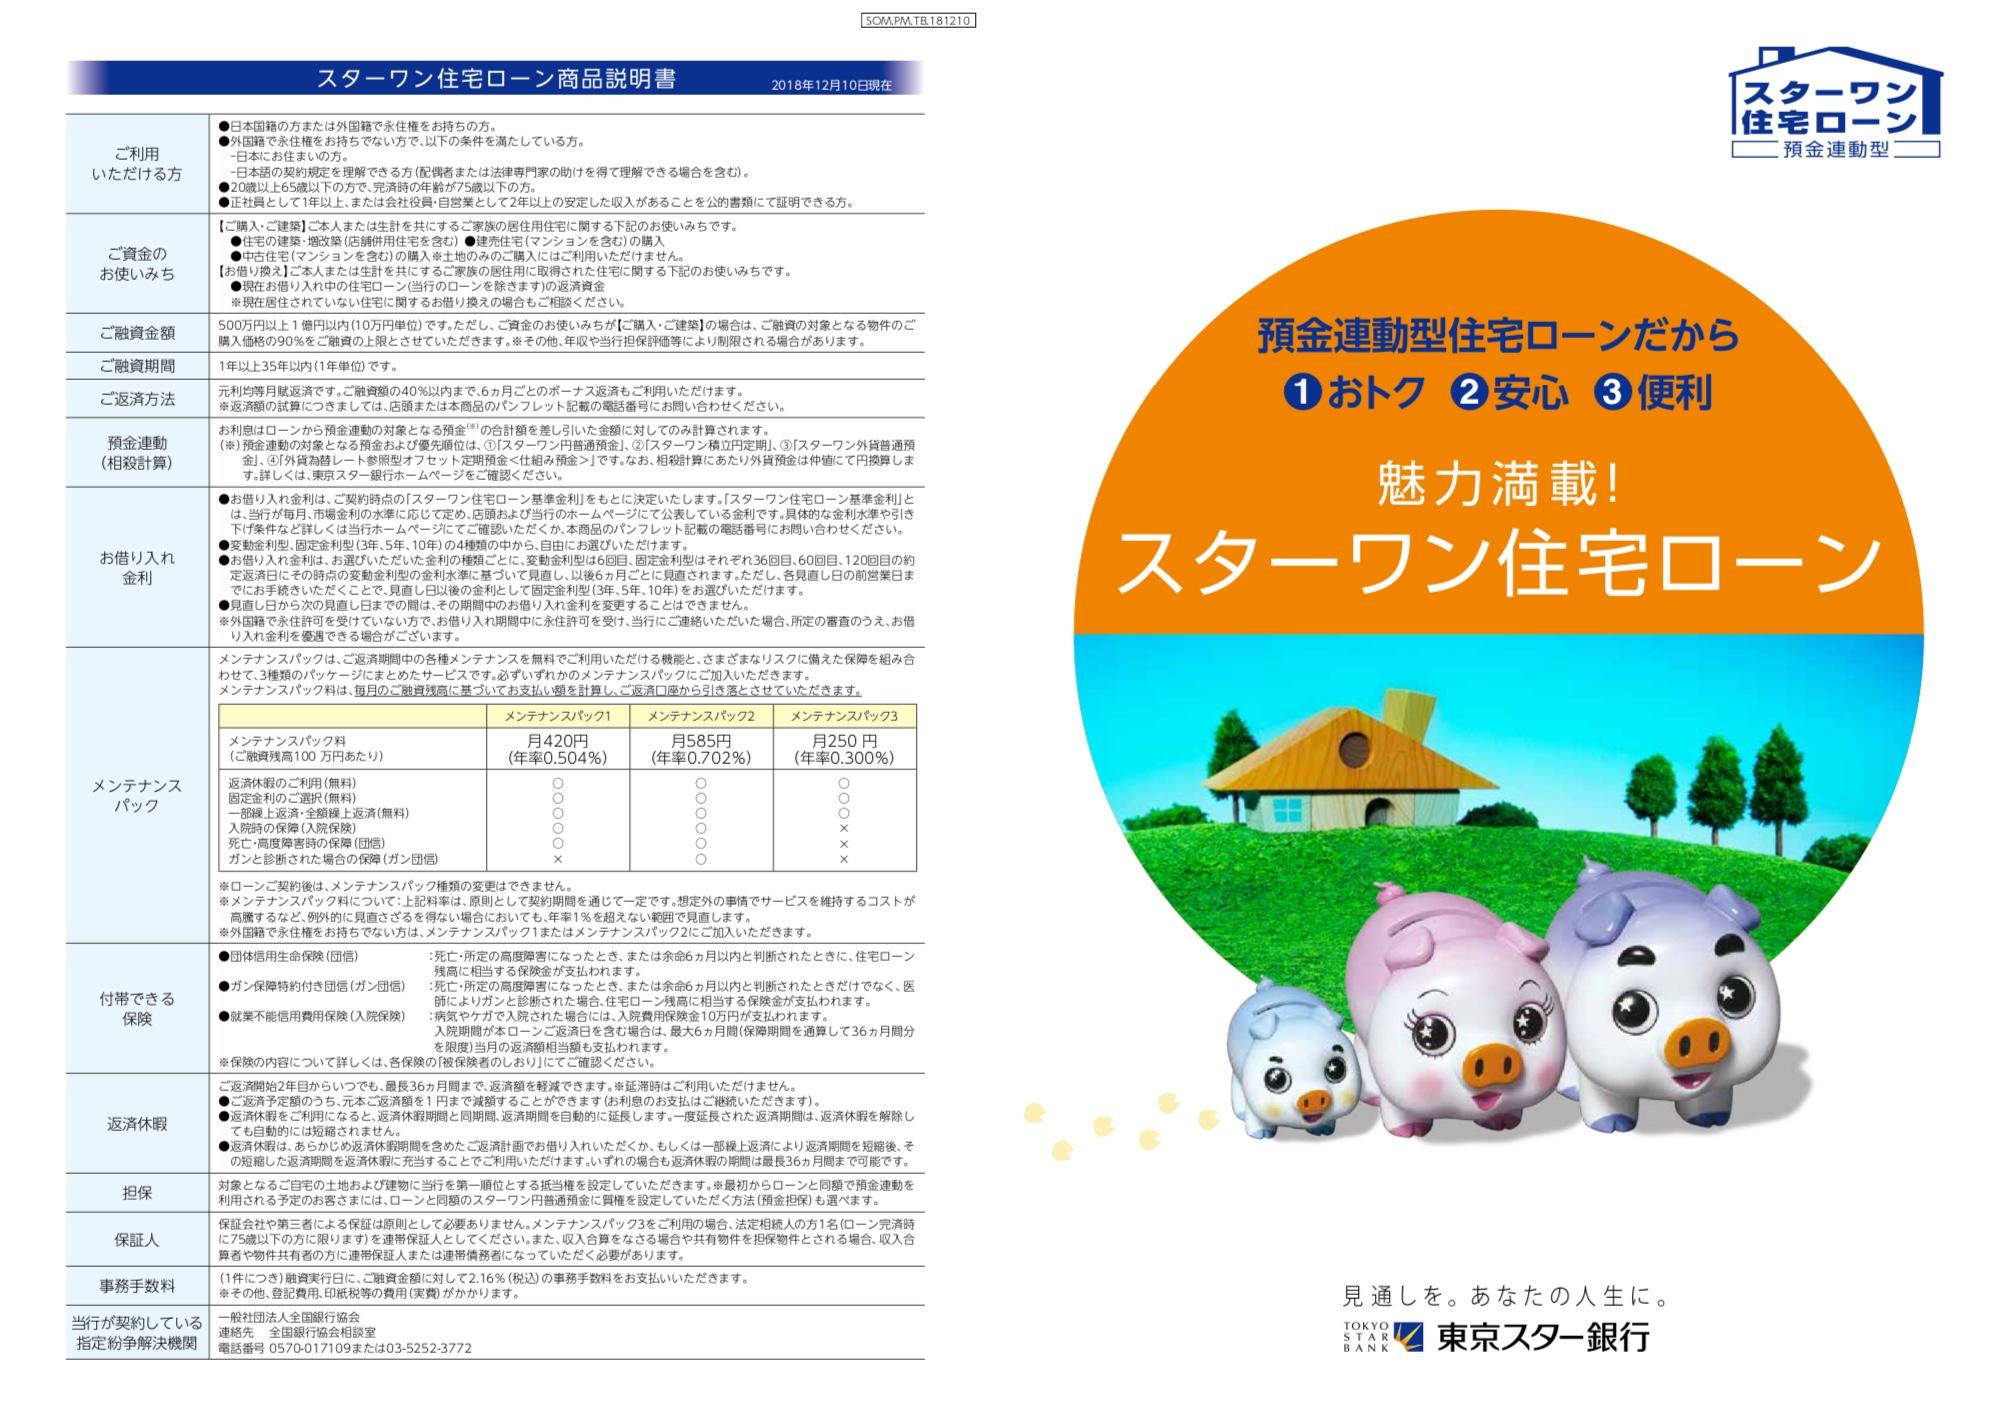 F096C41C-521C-46BC-9E6F-BB7C176054B1